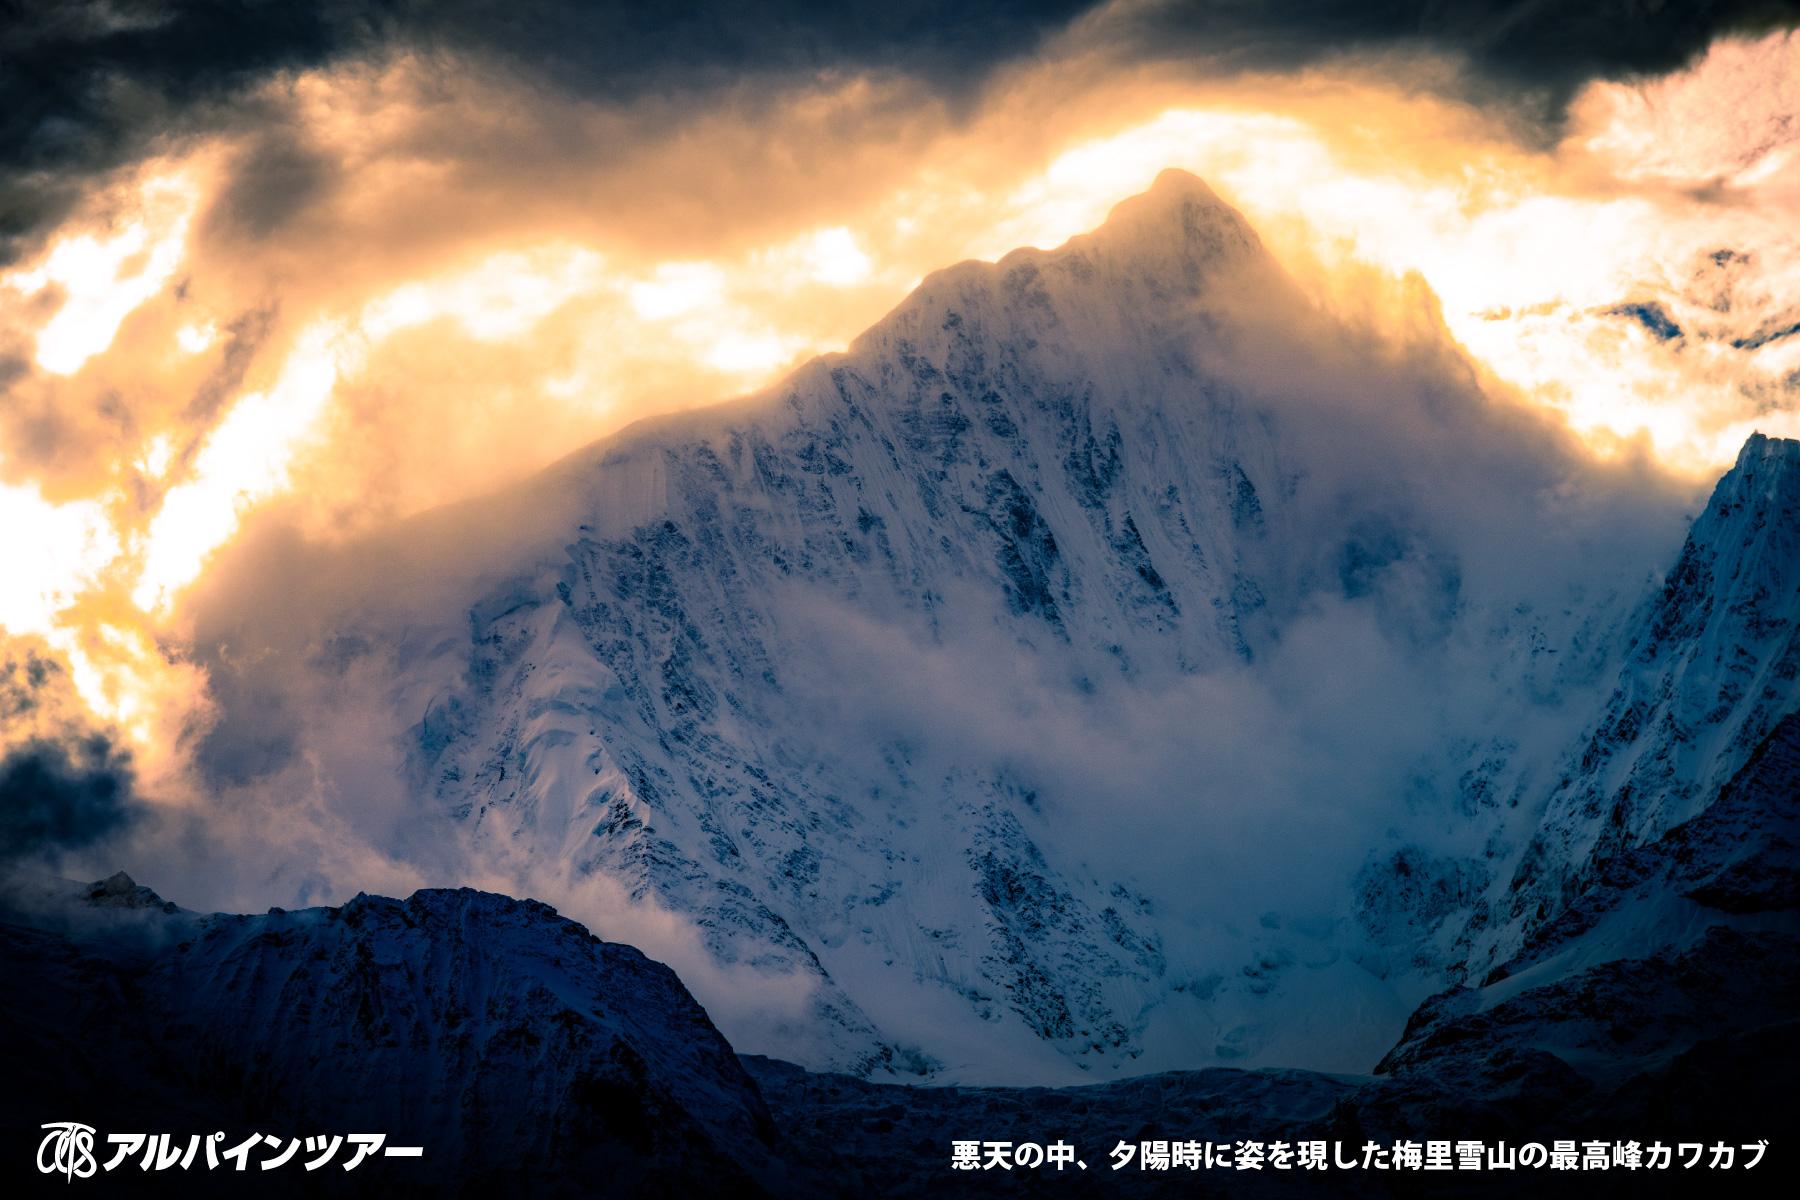 【エリア紹介】 未踏の山が連なる梅里雪山(中国)